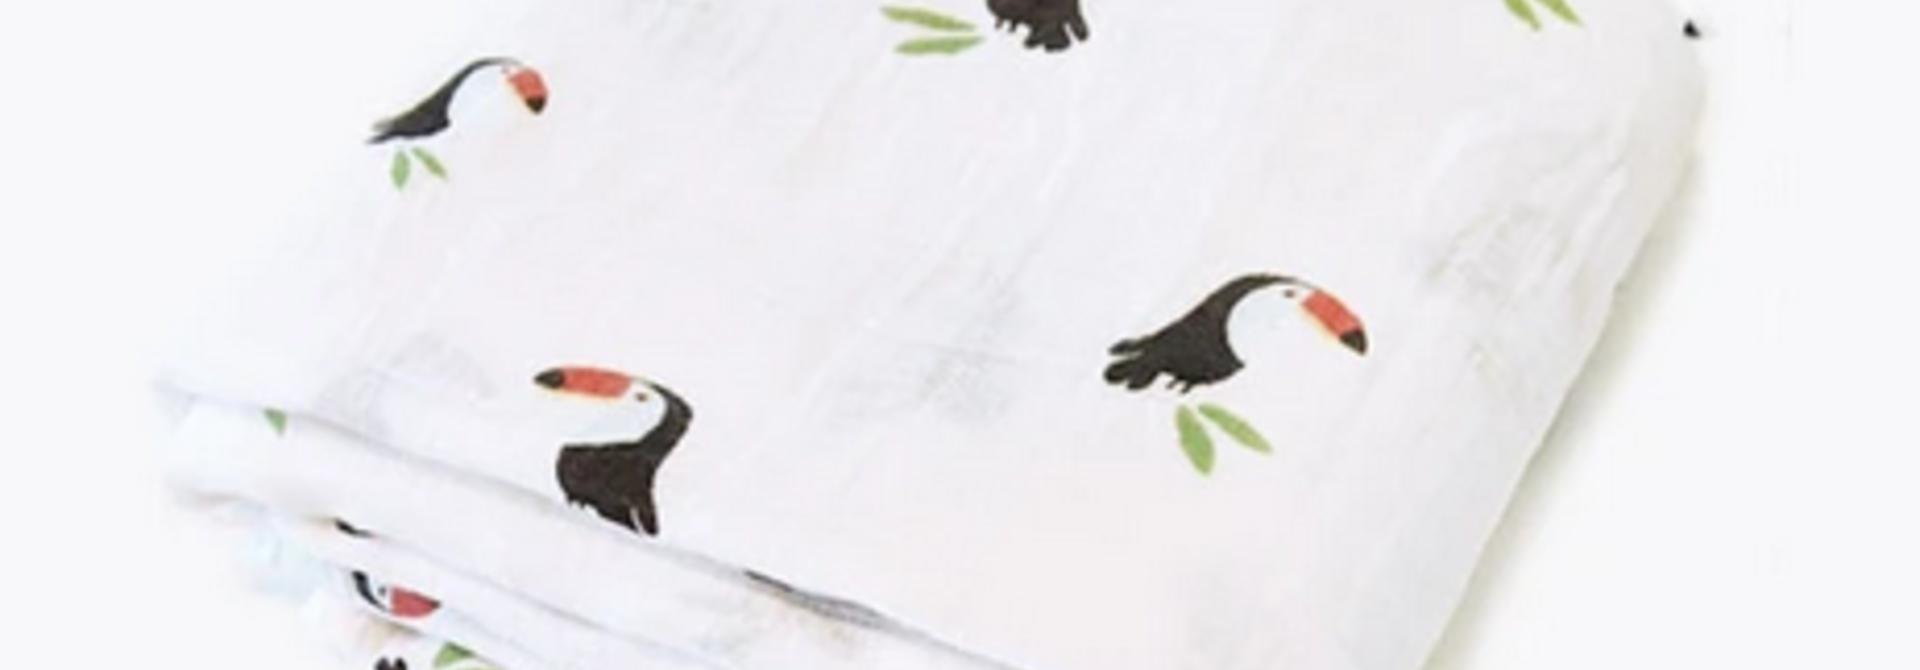 Mousseline - Toucan